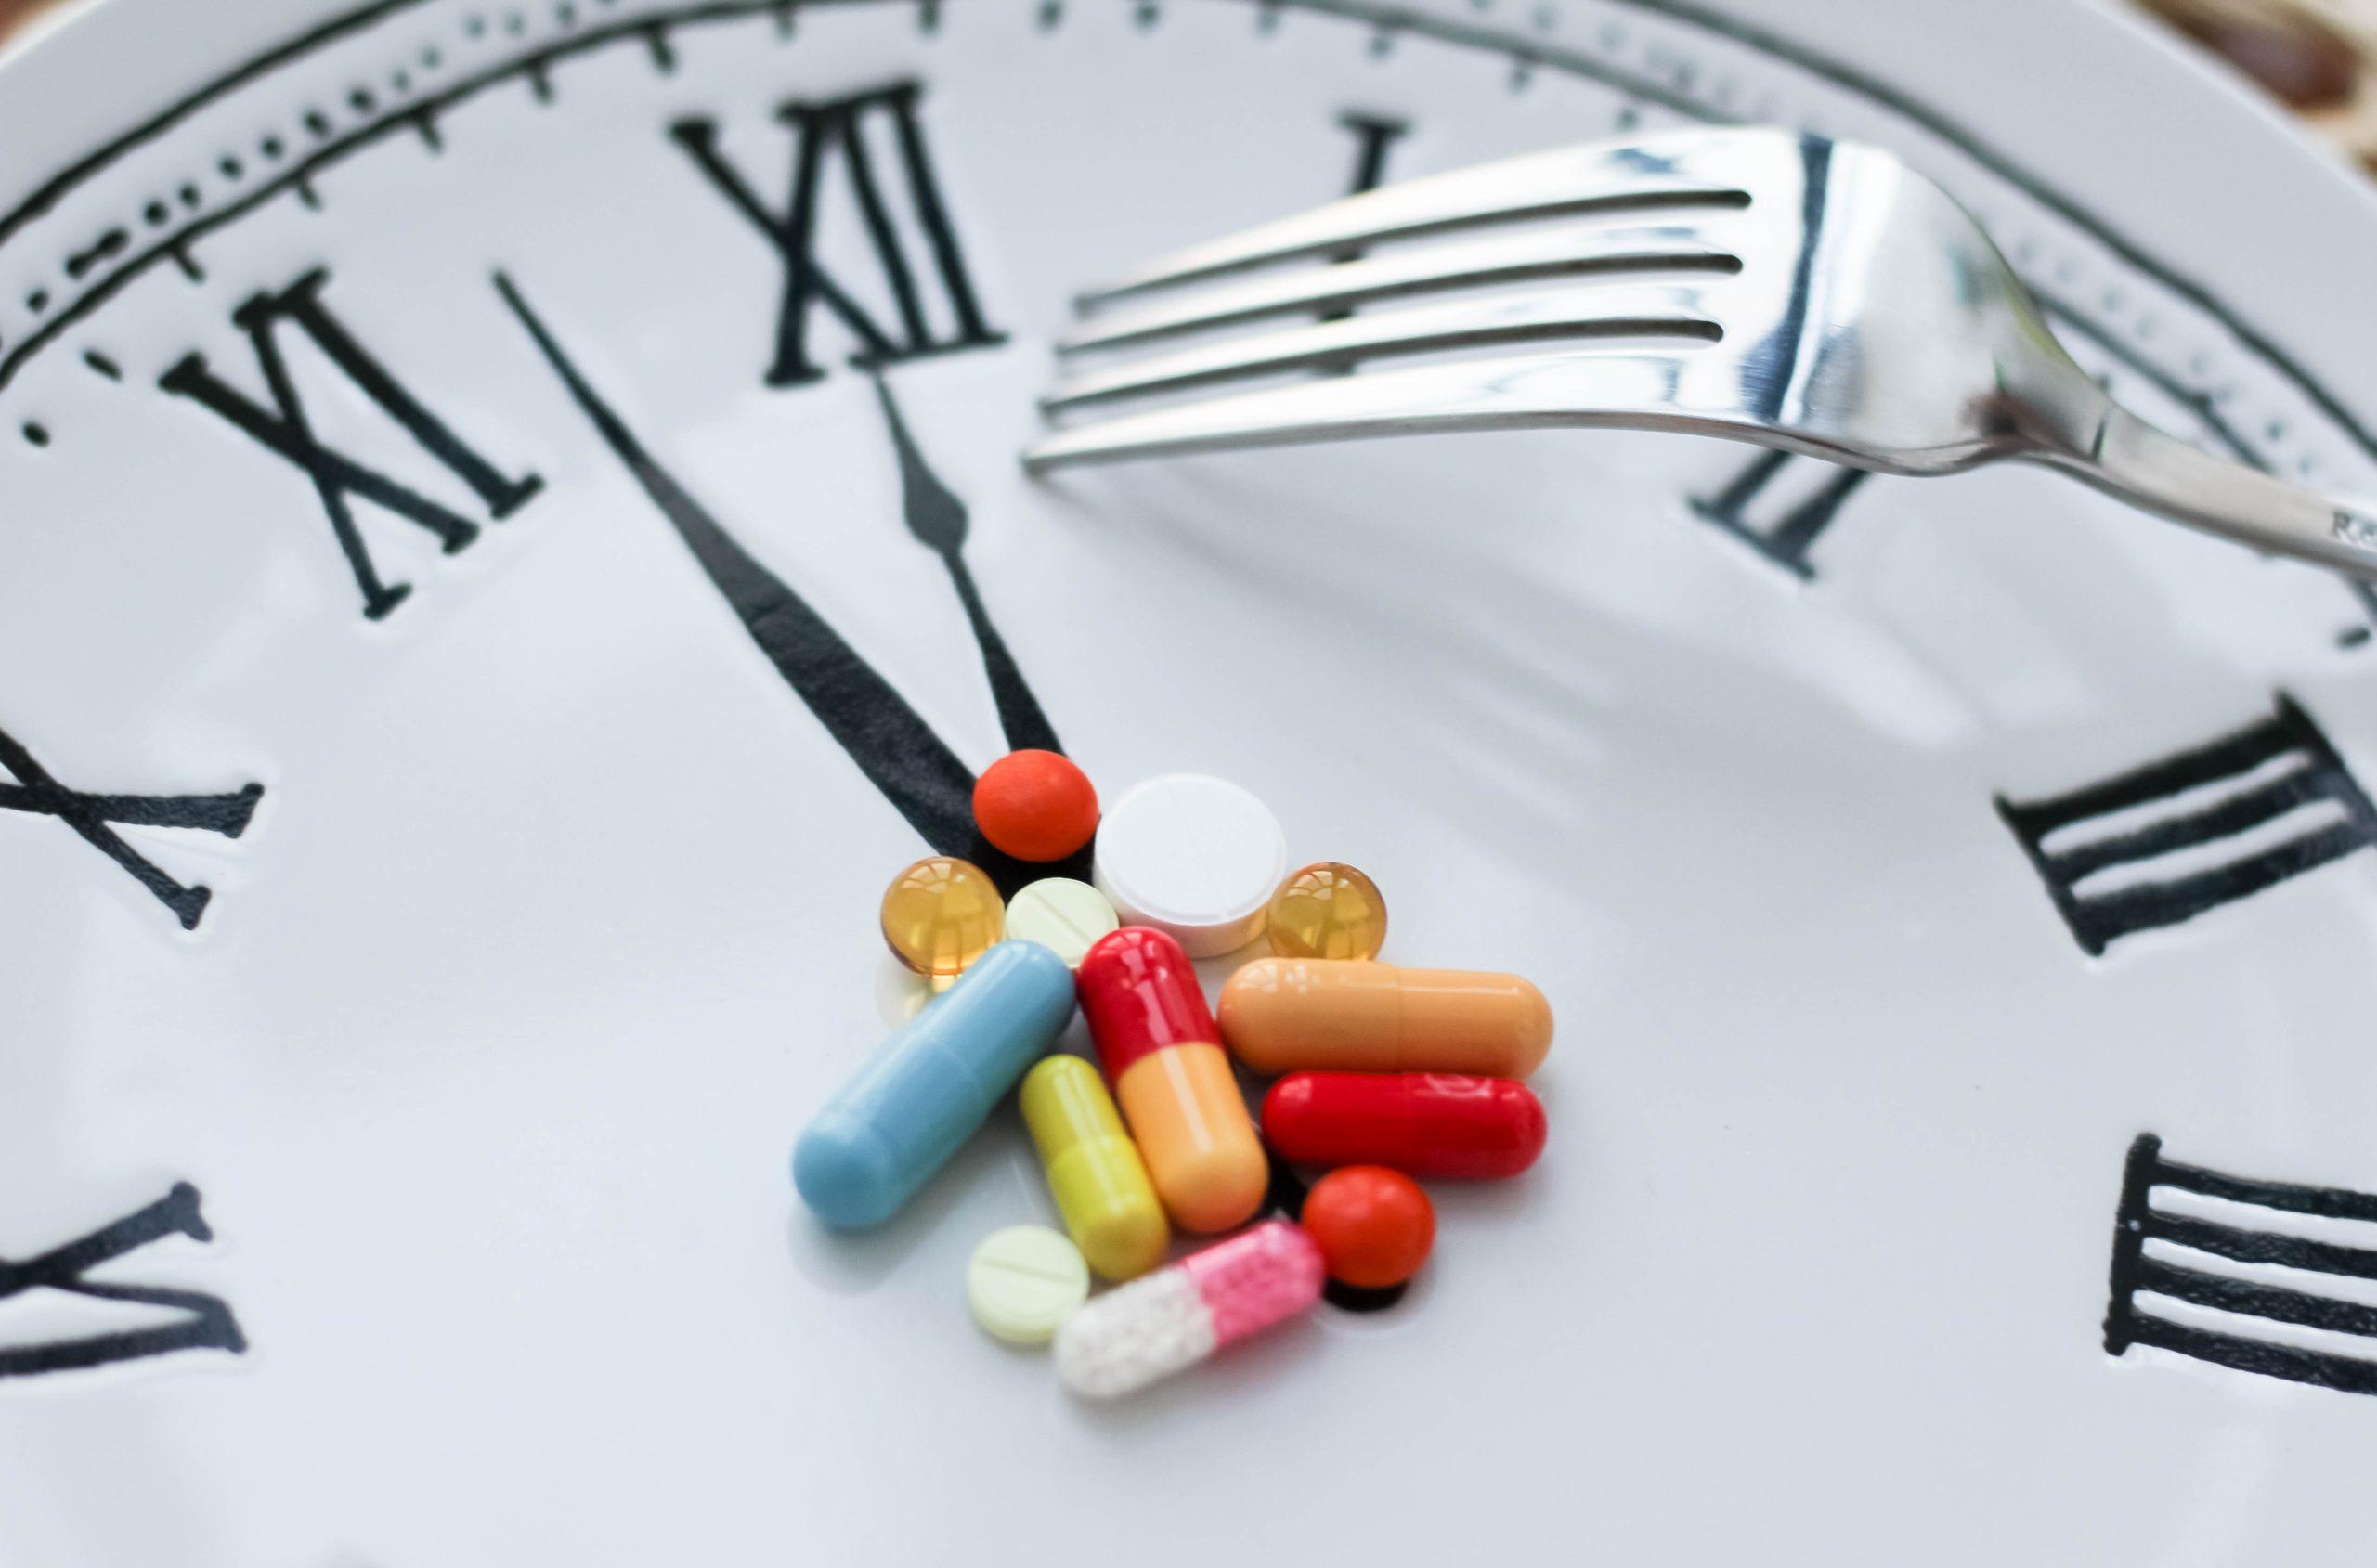 С 18 по 24 ноября - Всемирная неделя правильного использования антибиотиков.